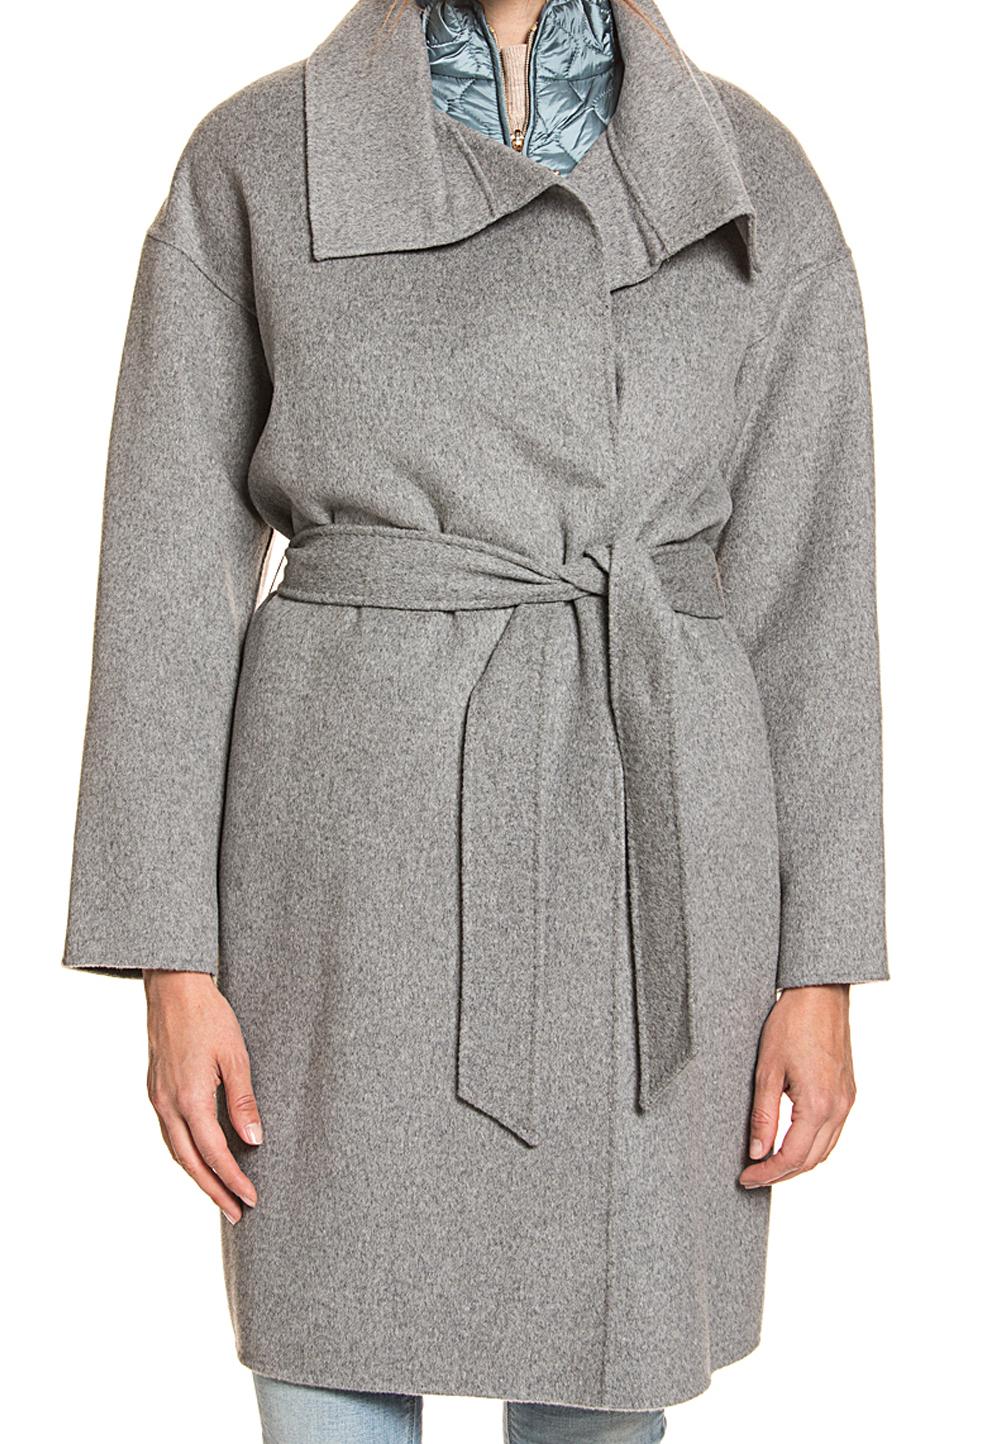 Geox Winterjacken für Damen für 69,99€ bzw. 79,99€, z.B. grauer Mantel aus Wollmix inkl. Steppweste